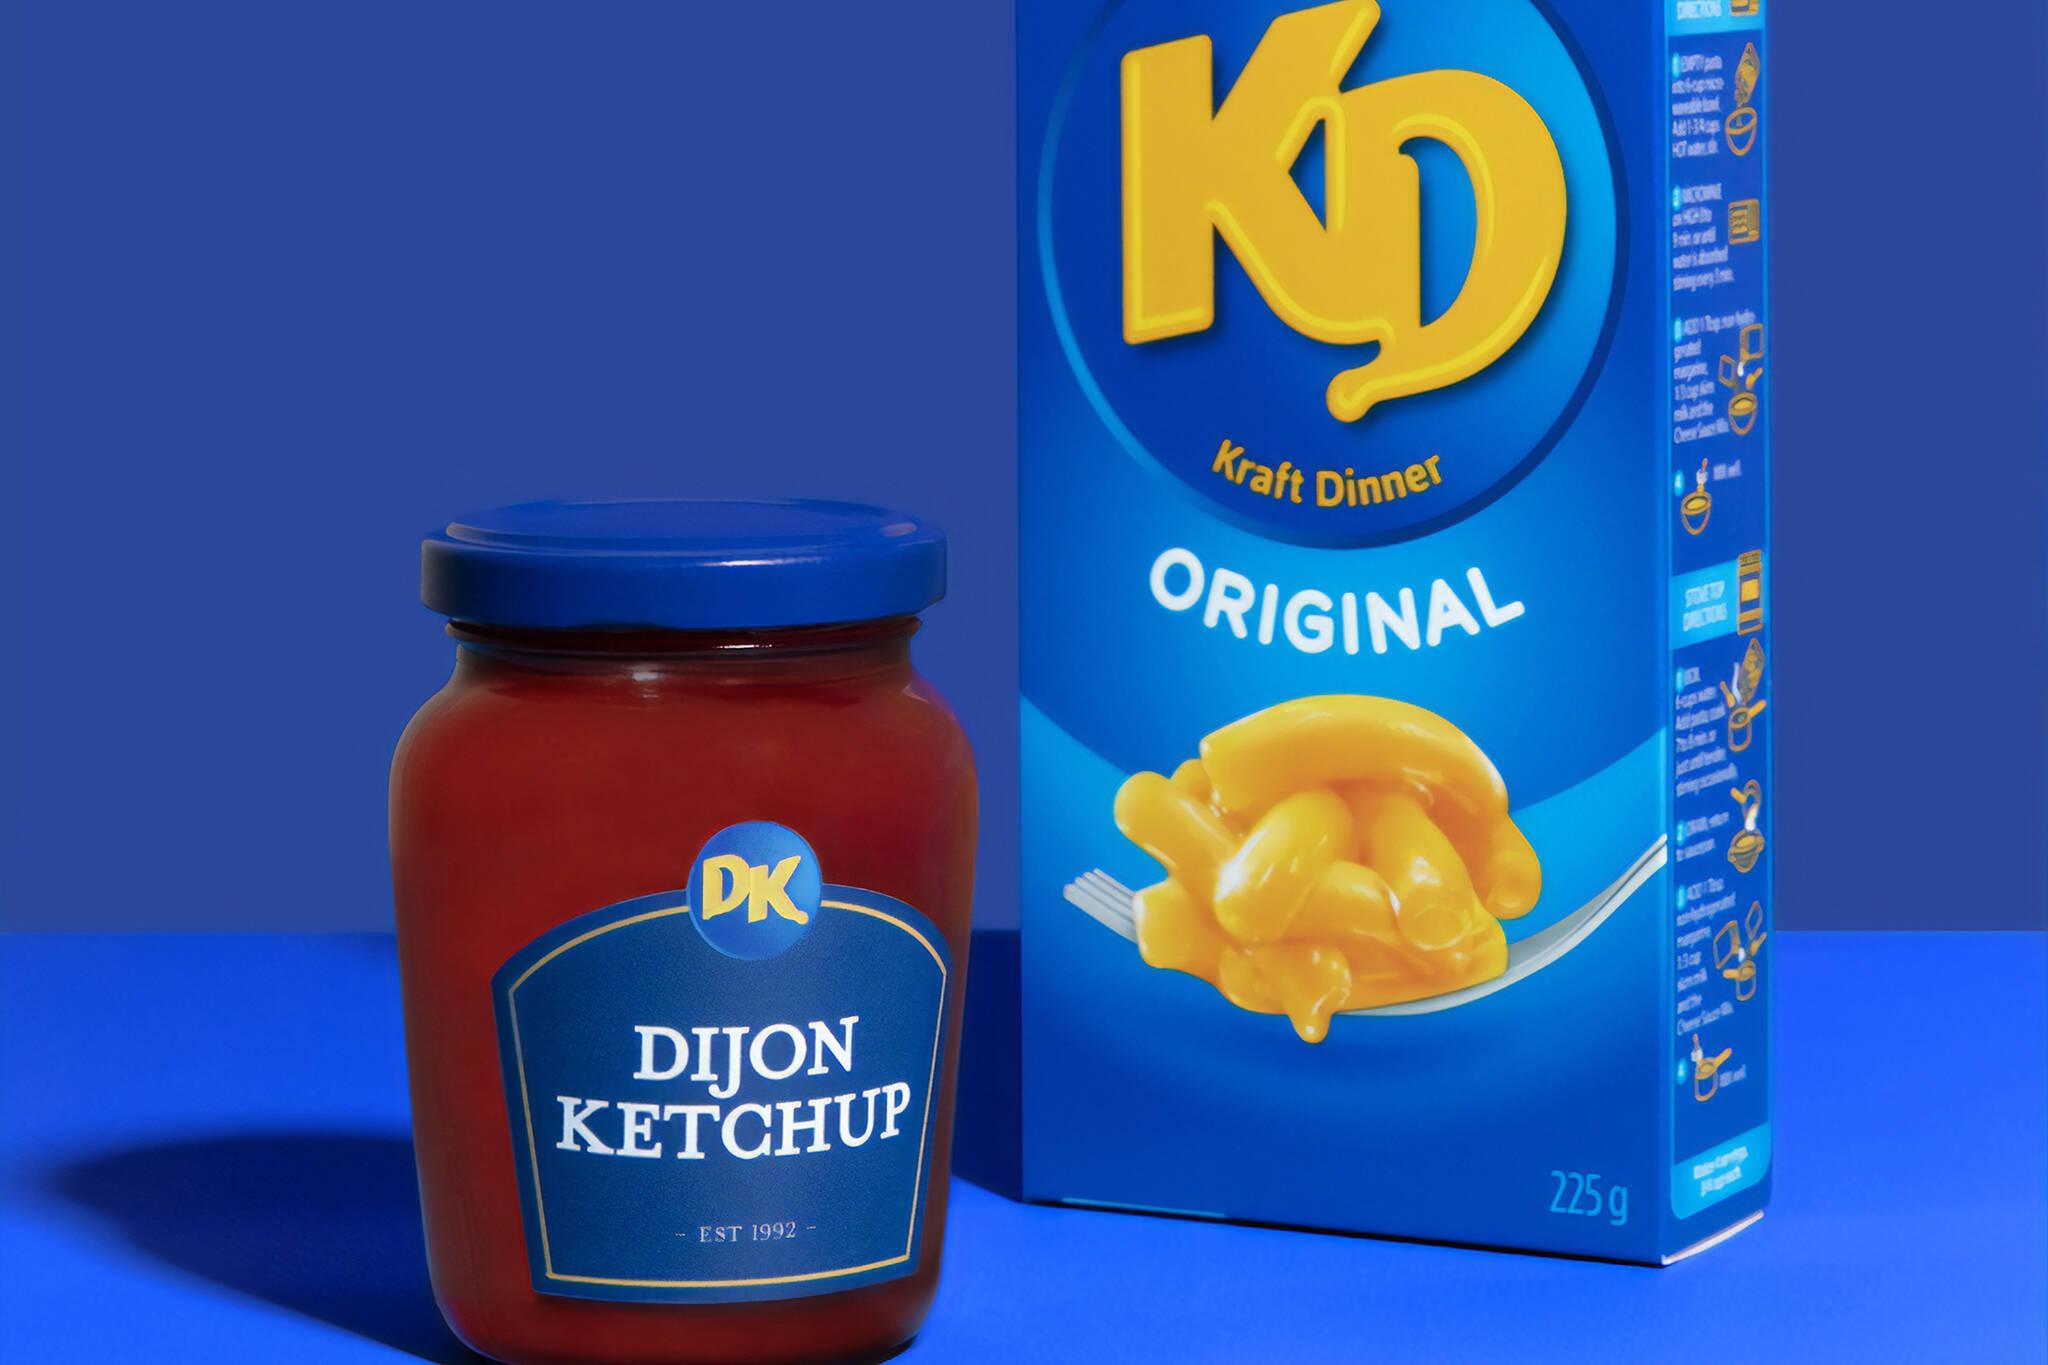 kd dijon ketchup